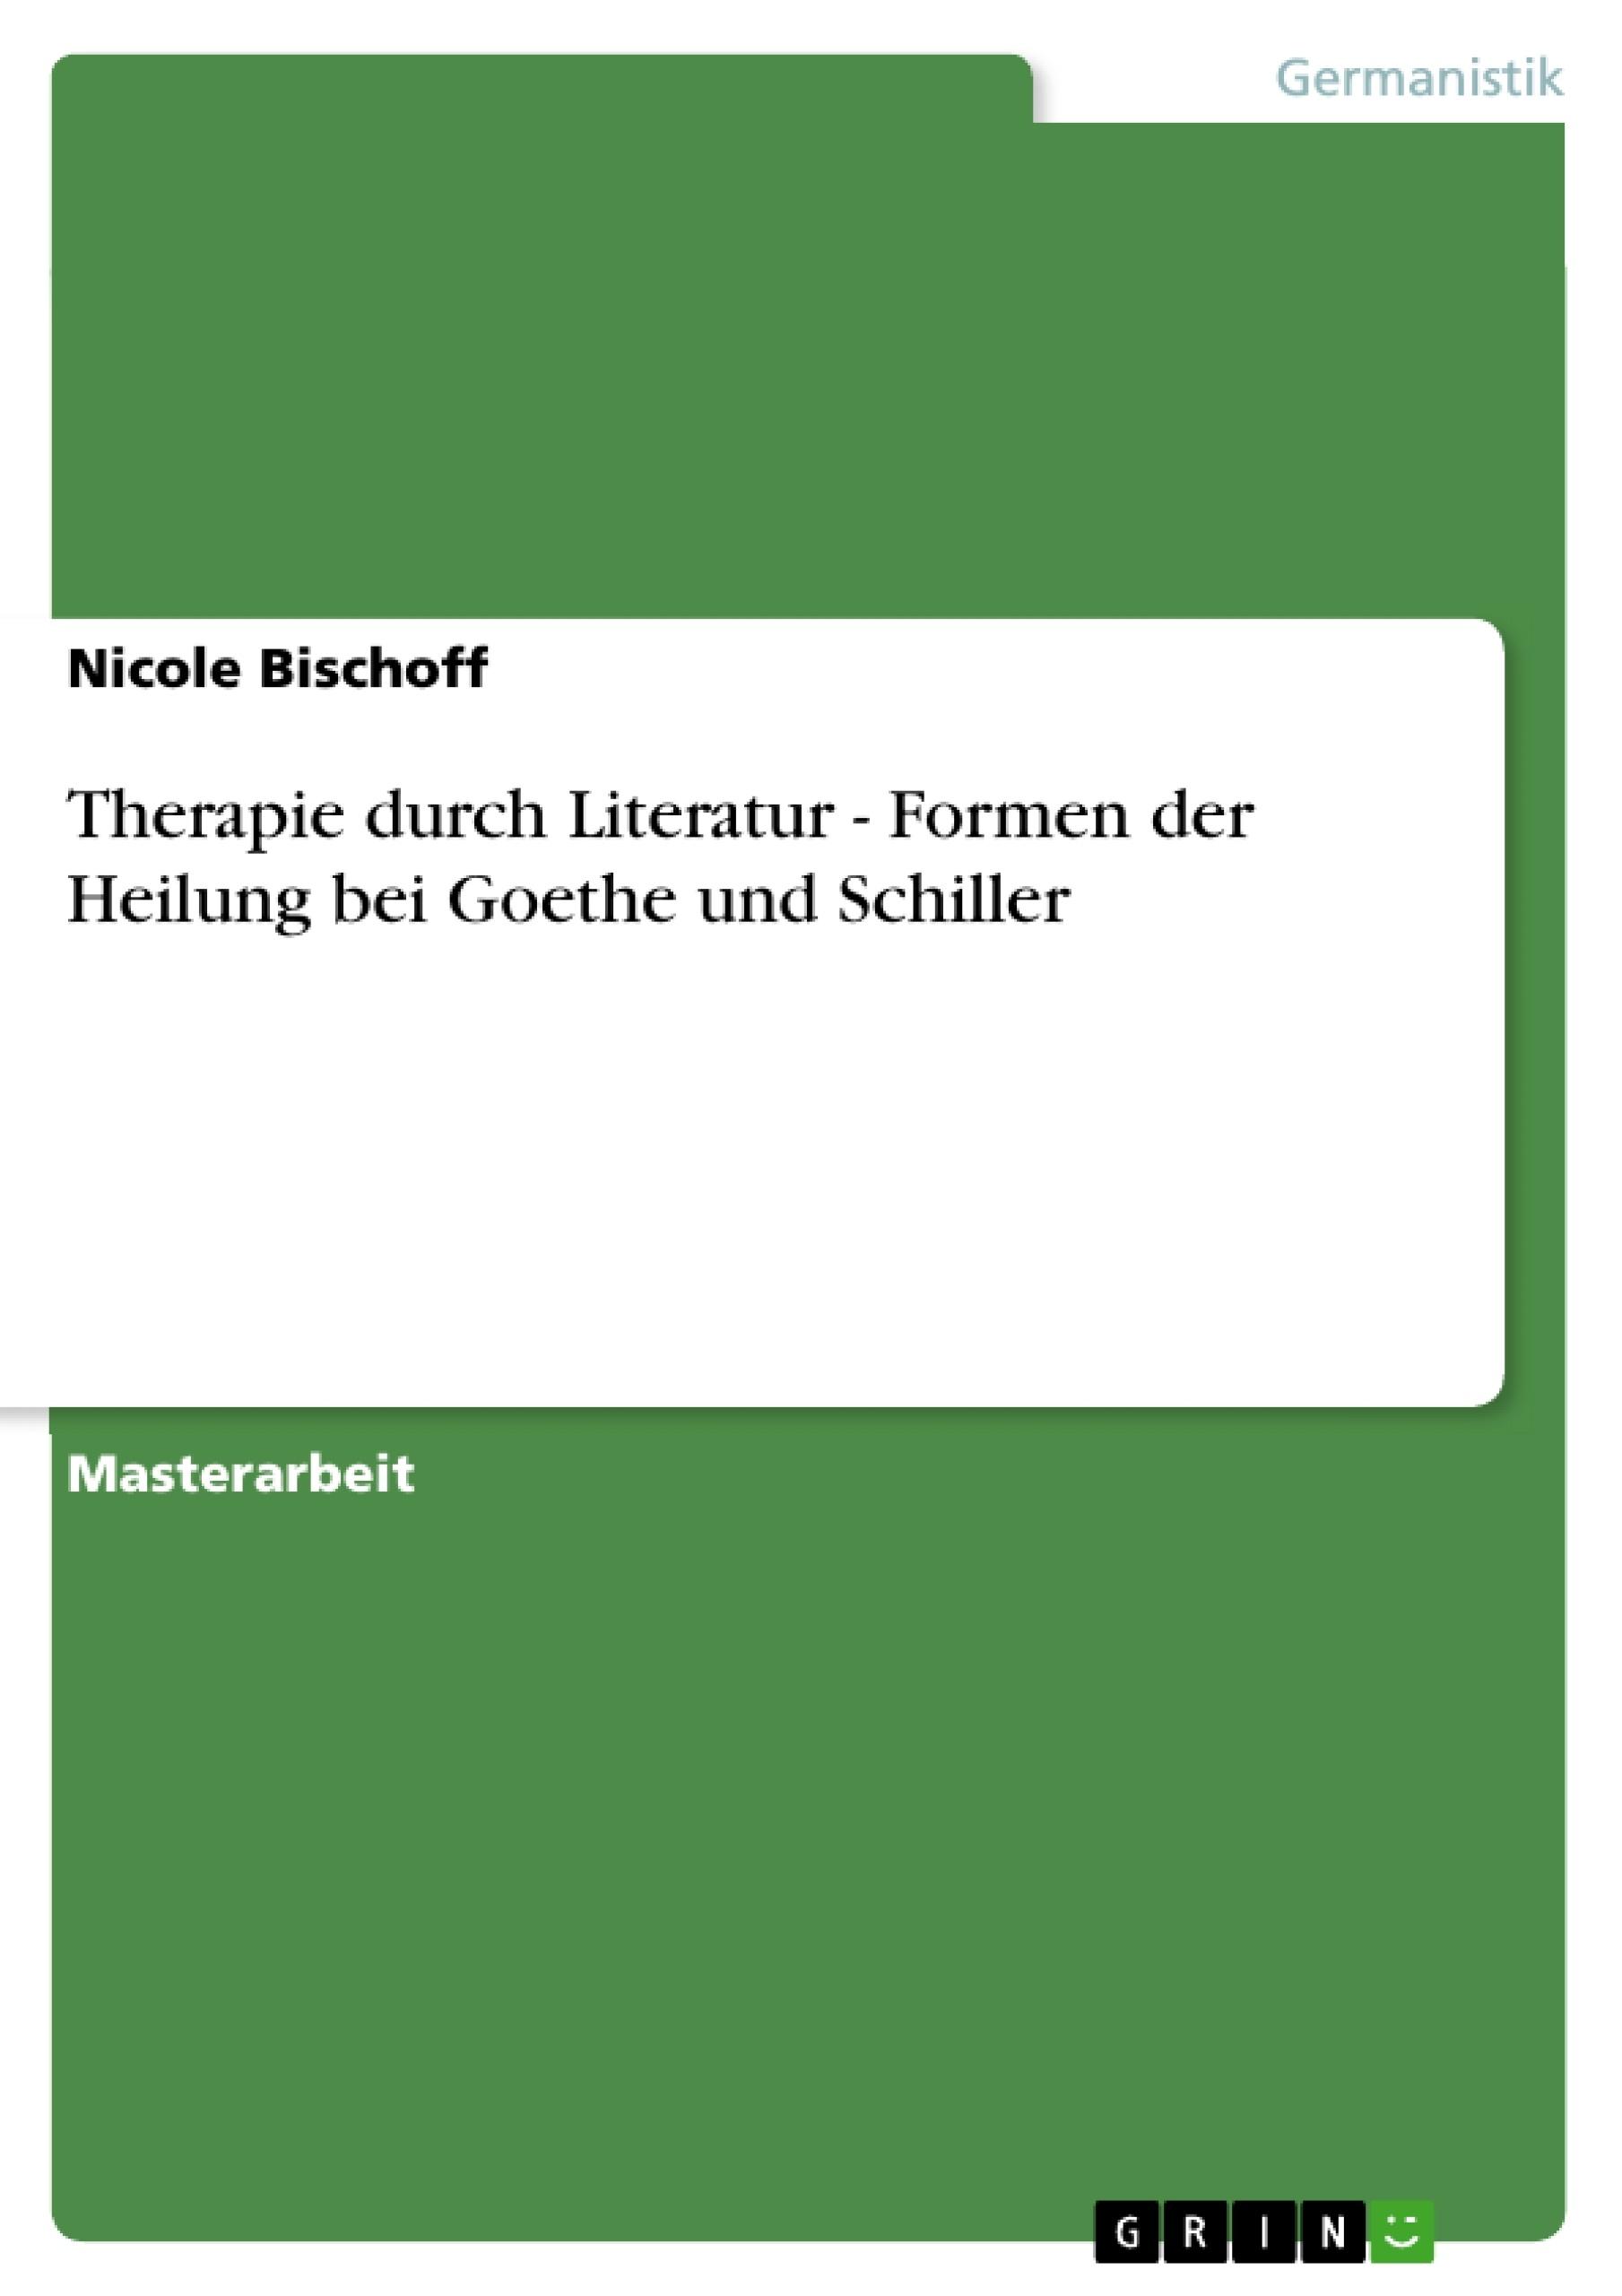 Titel: Therapie durch Literatur - Formen der Heilung bei Goethe und Schiller